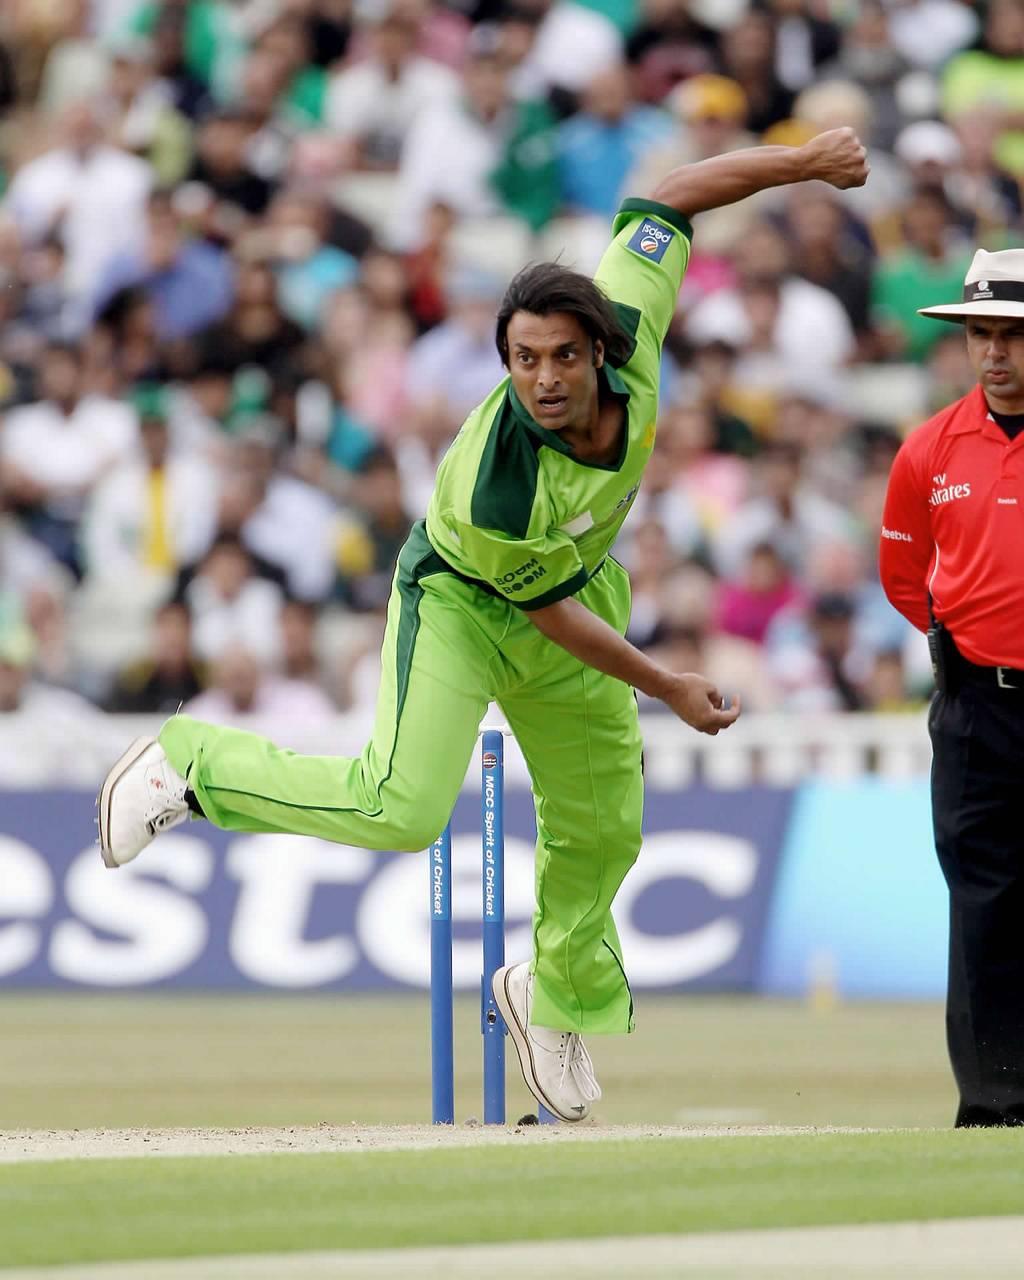 Shoaib Akhtar bowling look